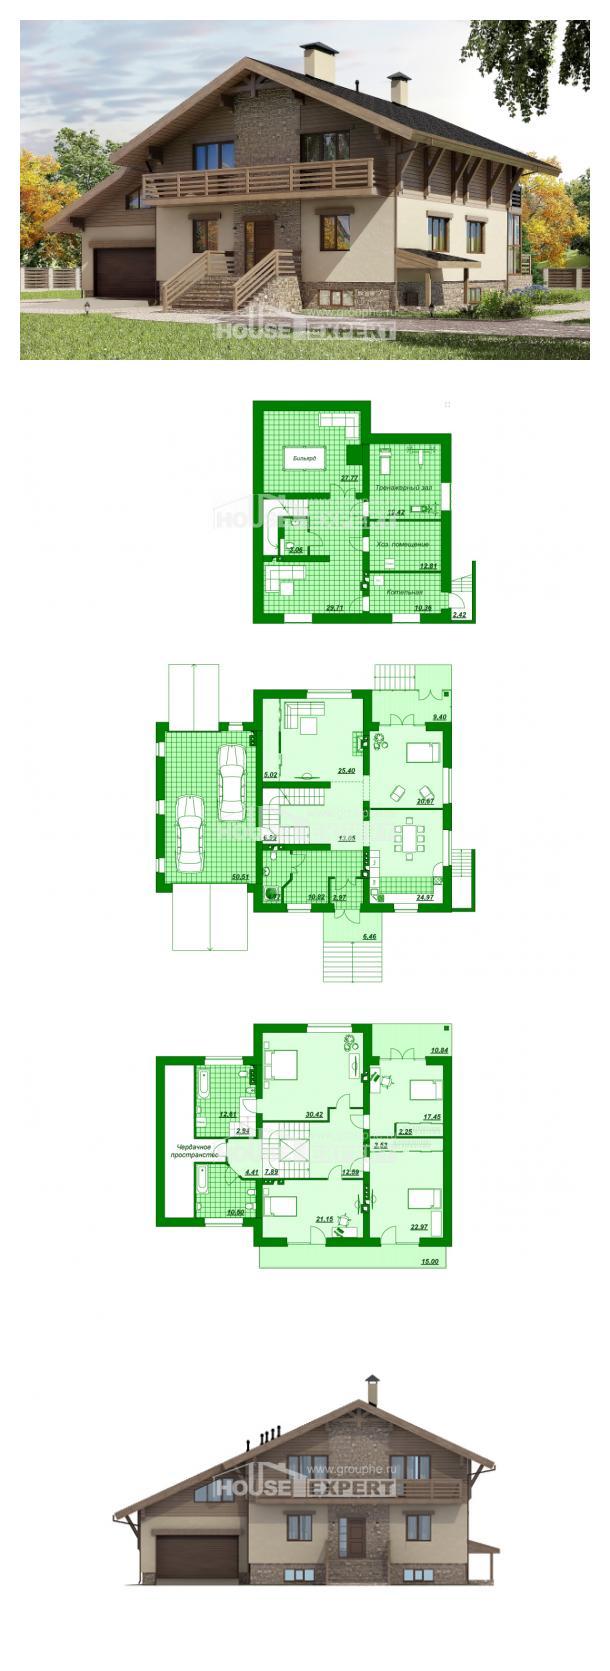 Plan 420-001-L | House Expert